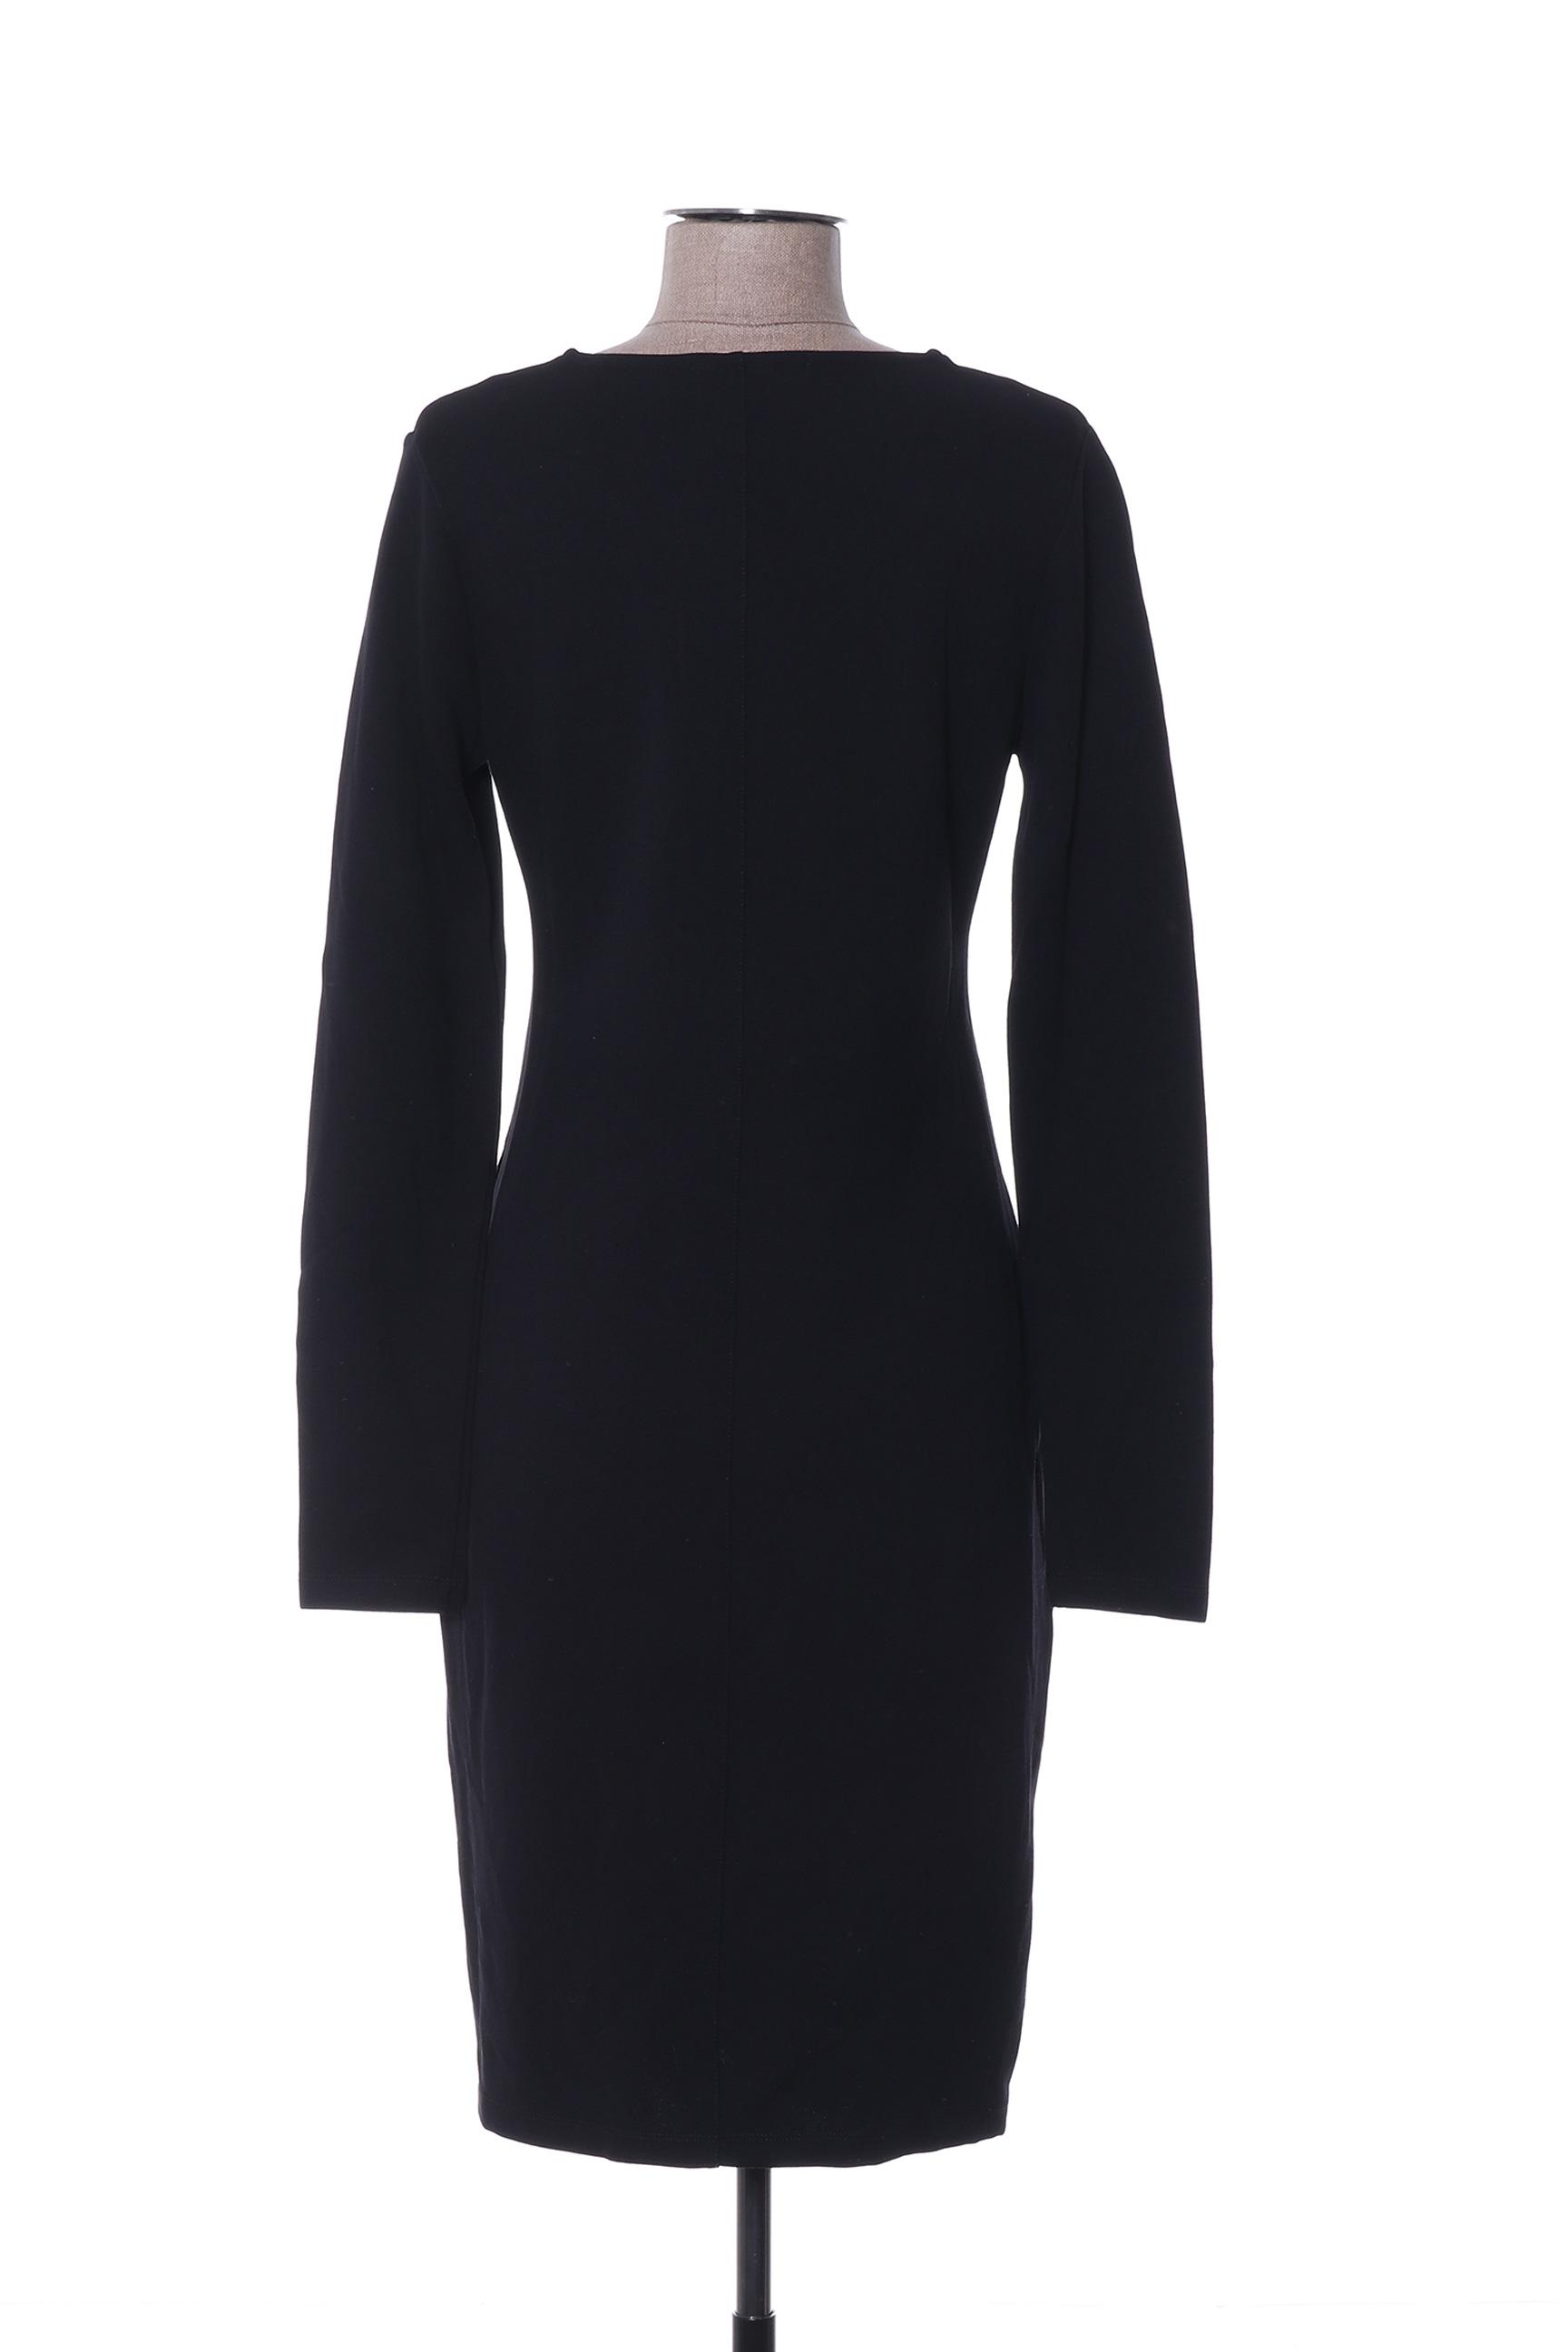 Viccio Barcelona Robes Mi Longues Femme De Couleur Noir En Soldes Pas Cher 1398877-noir00